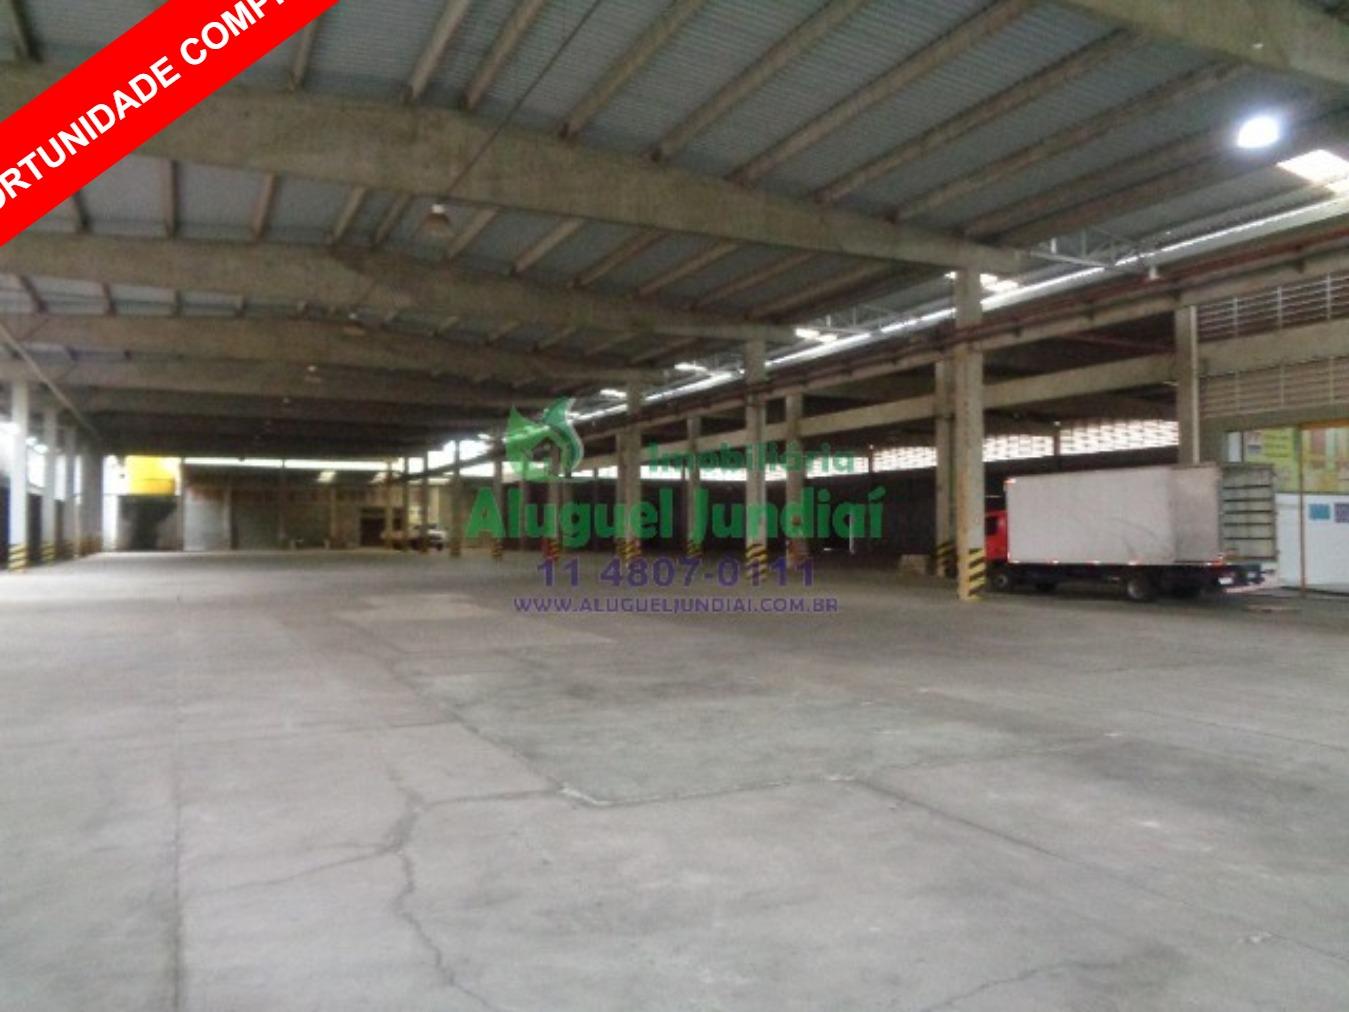 OPORTUNIDADE. Excelente galpão industrial para venda ou locação em Jundiaí, região central, 11.000 m² Terreno e 8.700 m² área construída, dividida em